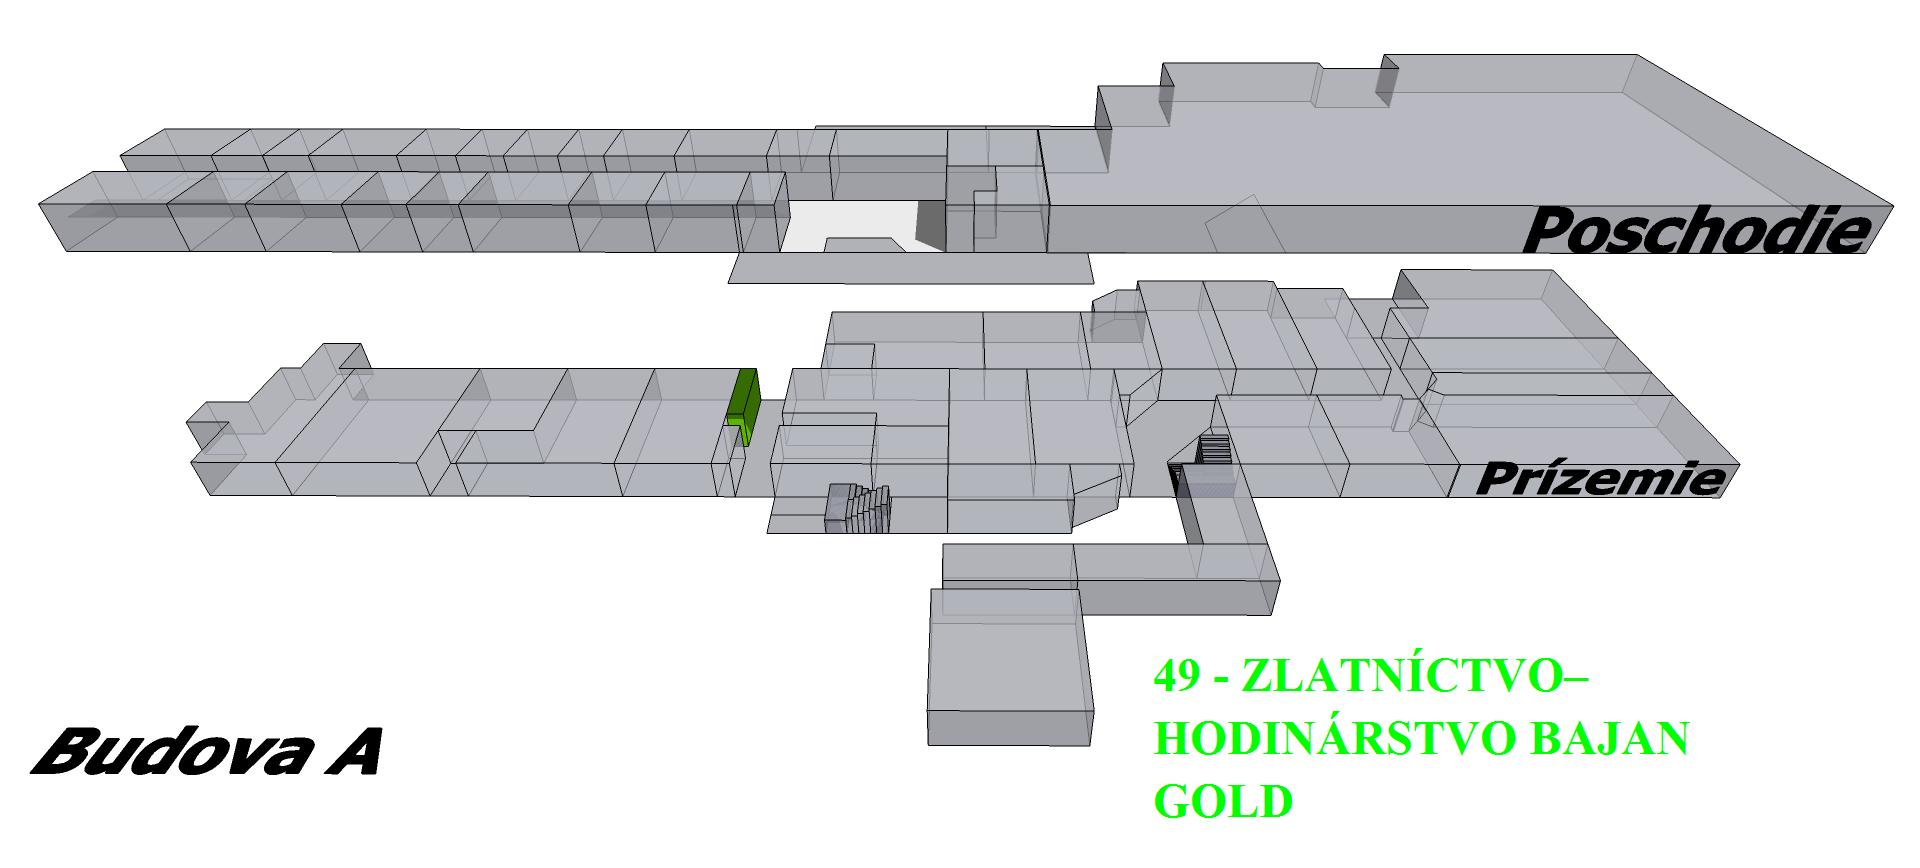 49_ZLATNÍCTVO–HODINÁRSTVO_BAJAN_GOLD_budova_A_prízemie_s_u